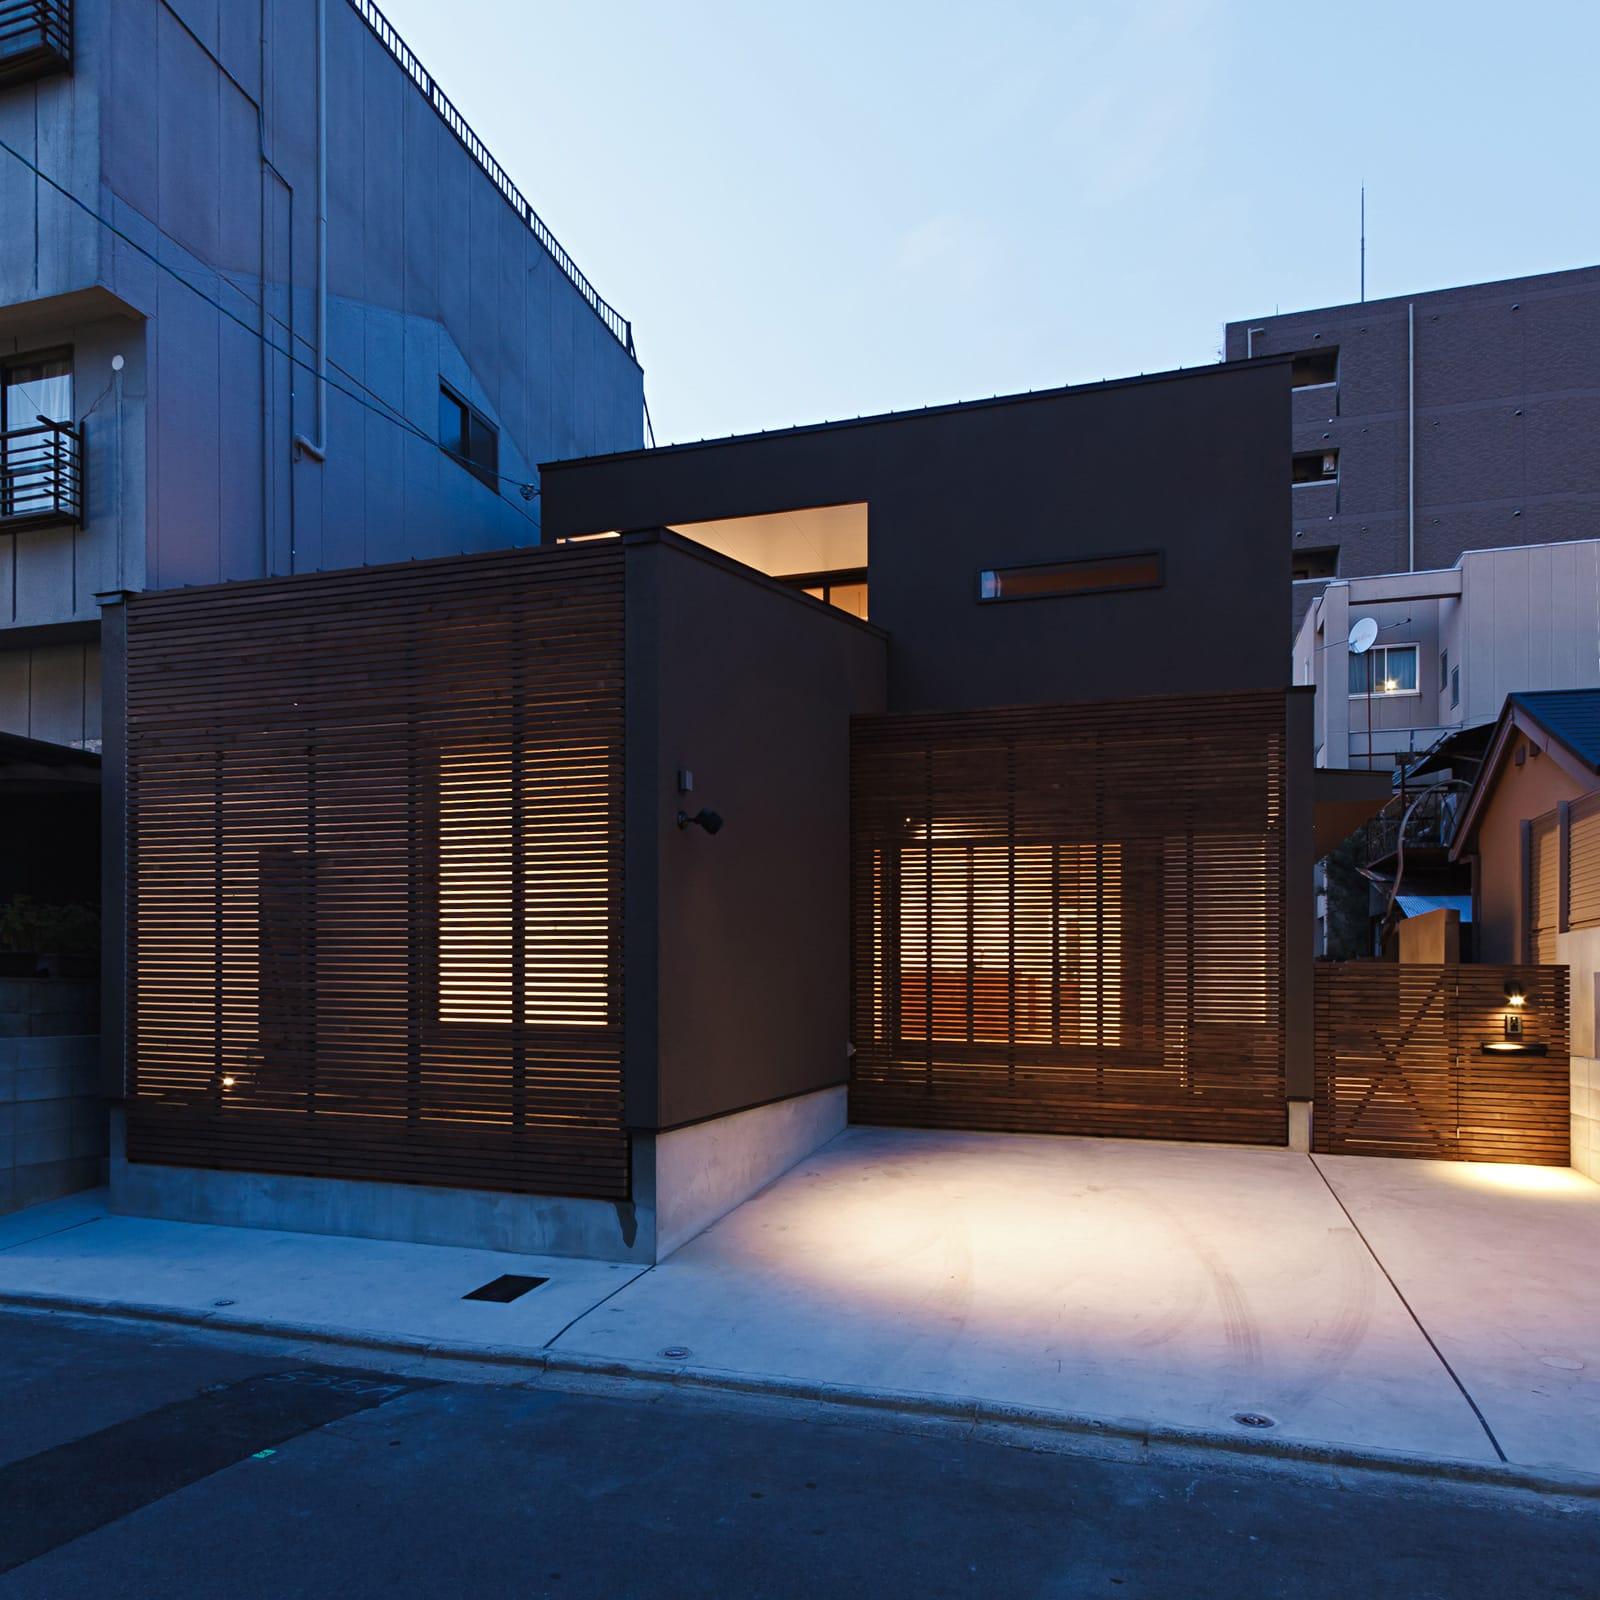 京都の坪庭ハウスの夕景(外部)1